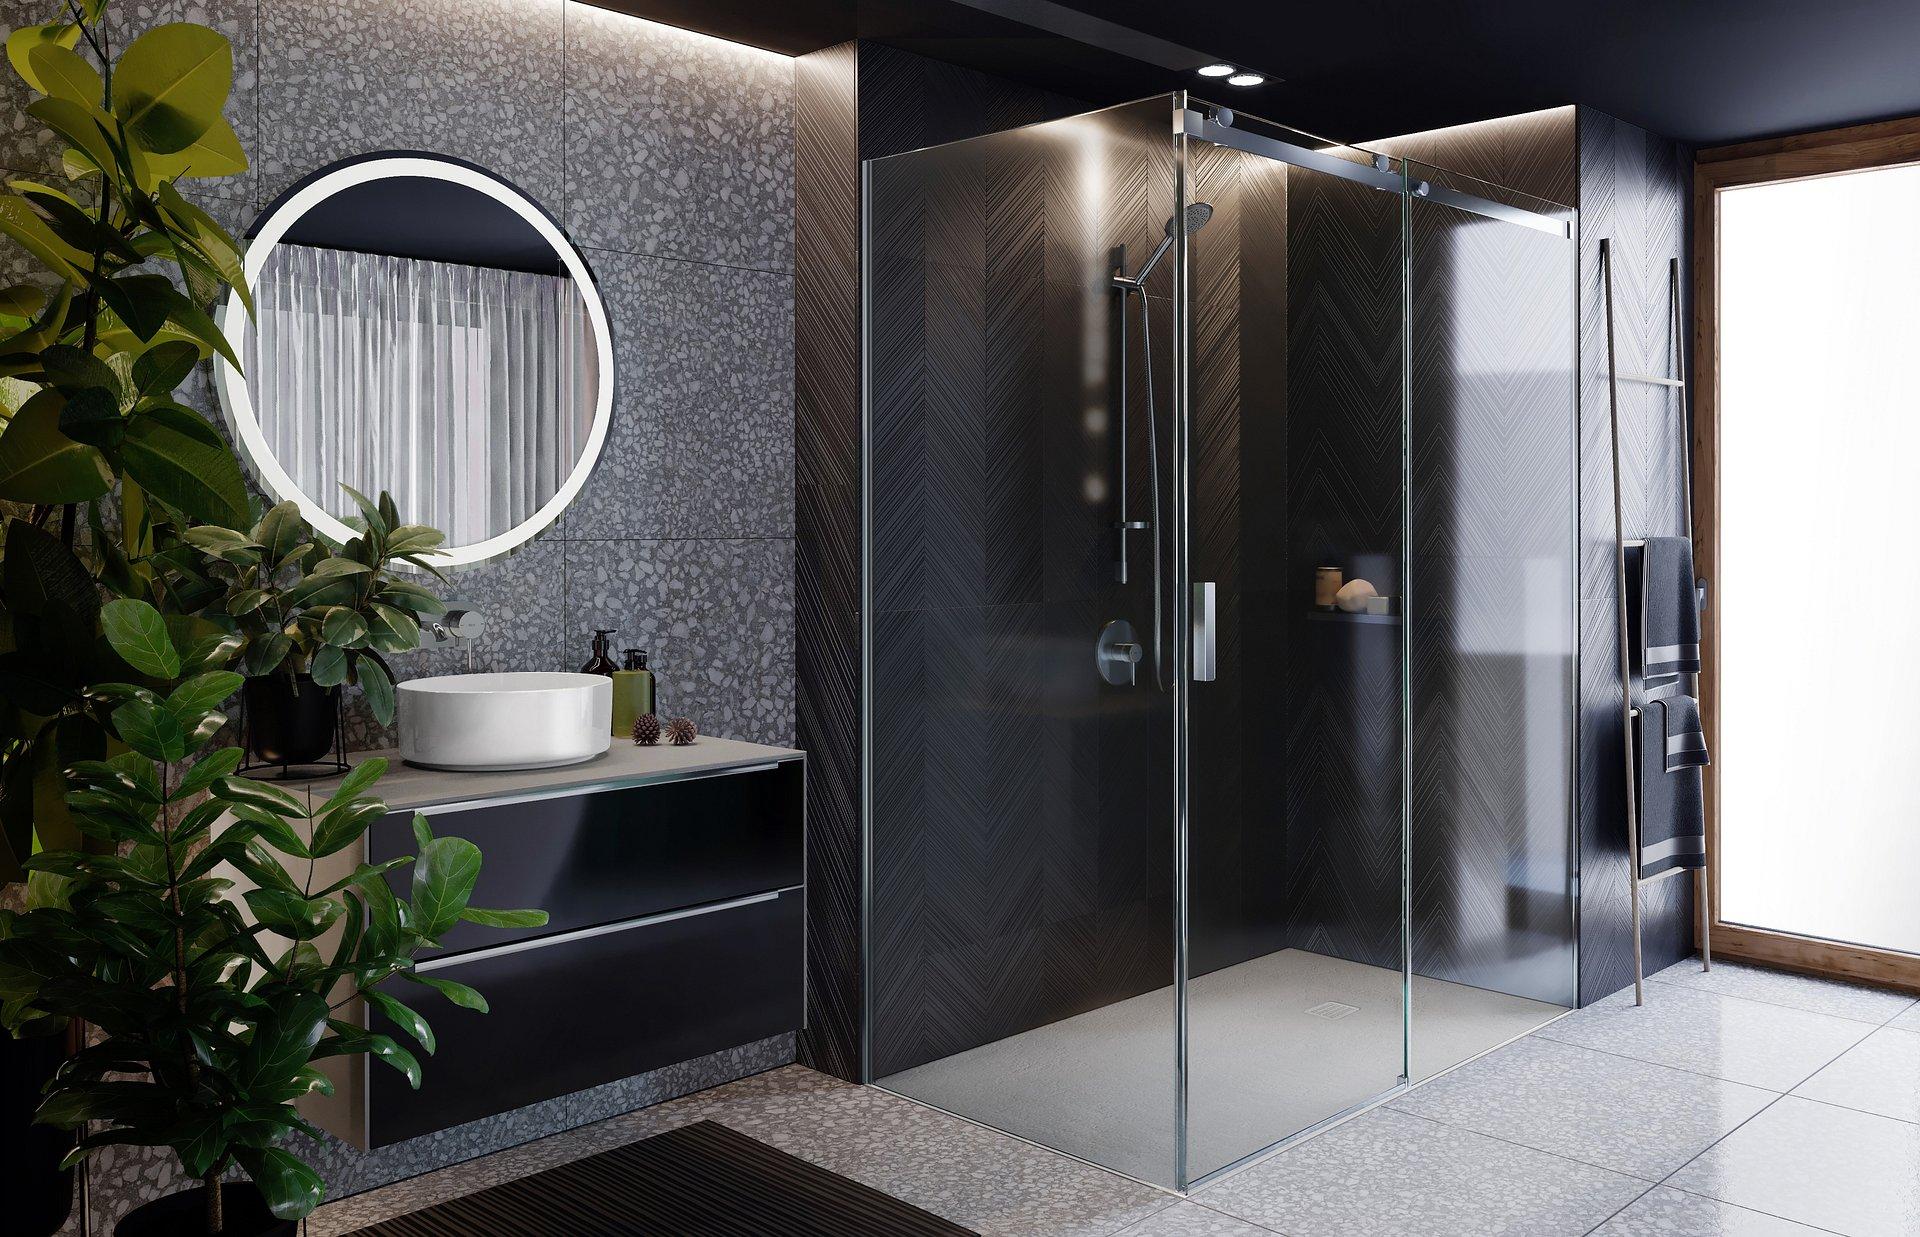 Salon kąpielowy z kabiną prysznicową Area Roca tworzą przestrzeń luksusu zapraszając do relaksu.